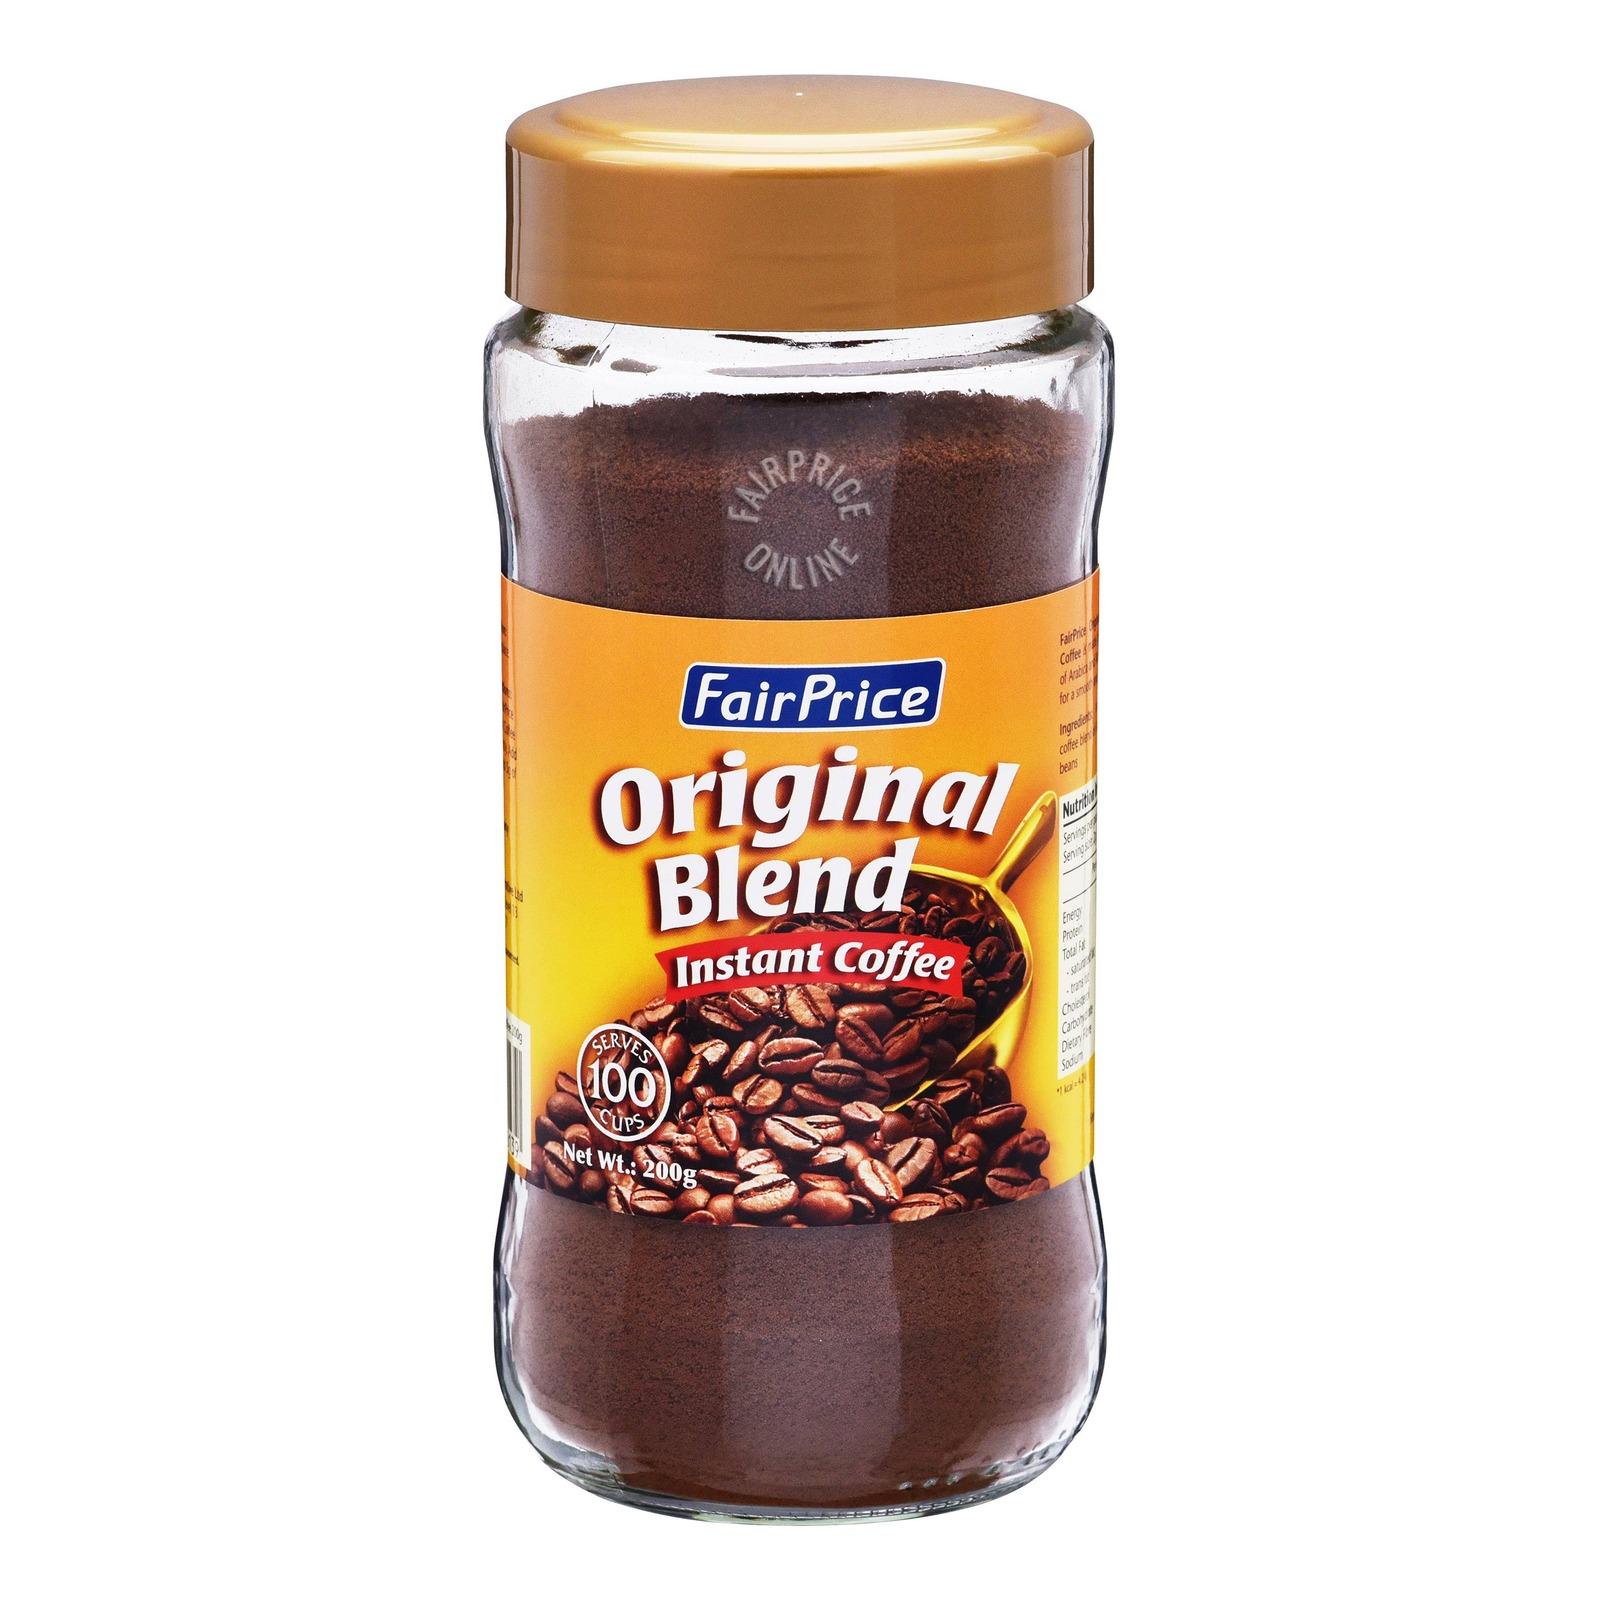 FairPrice Instant Coffee Powder Jar - Original Blend